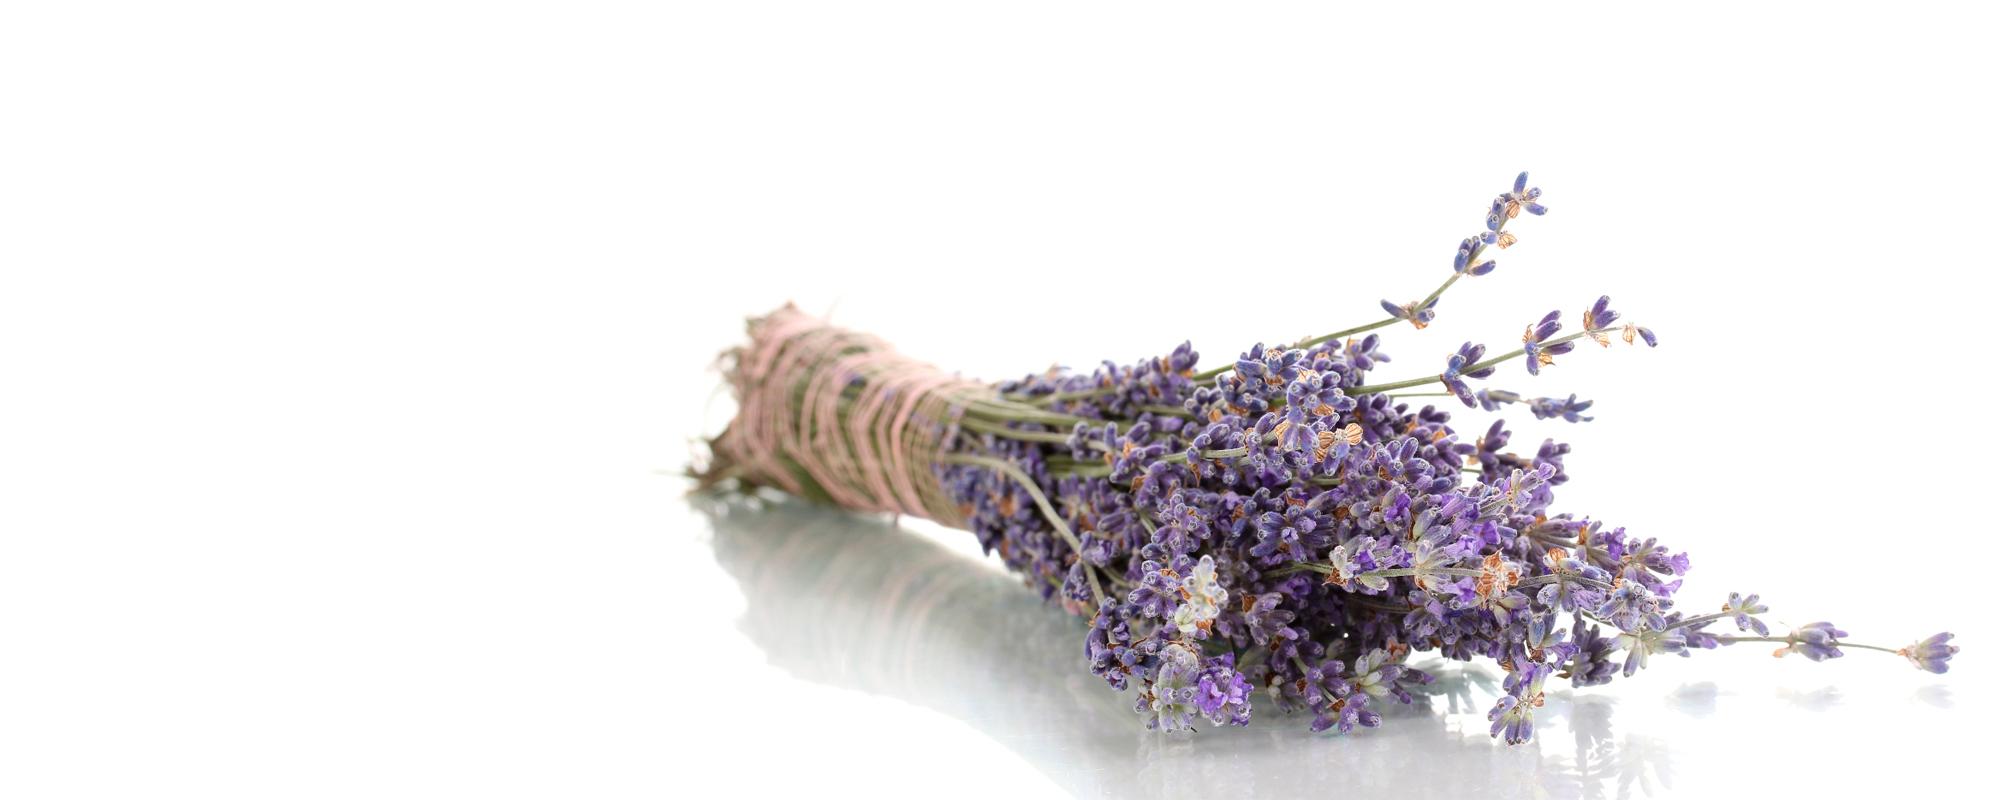 Productos para las alergias  todo el año, <span><br>no solo en primavera</span></br>